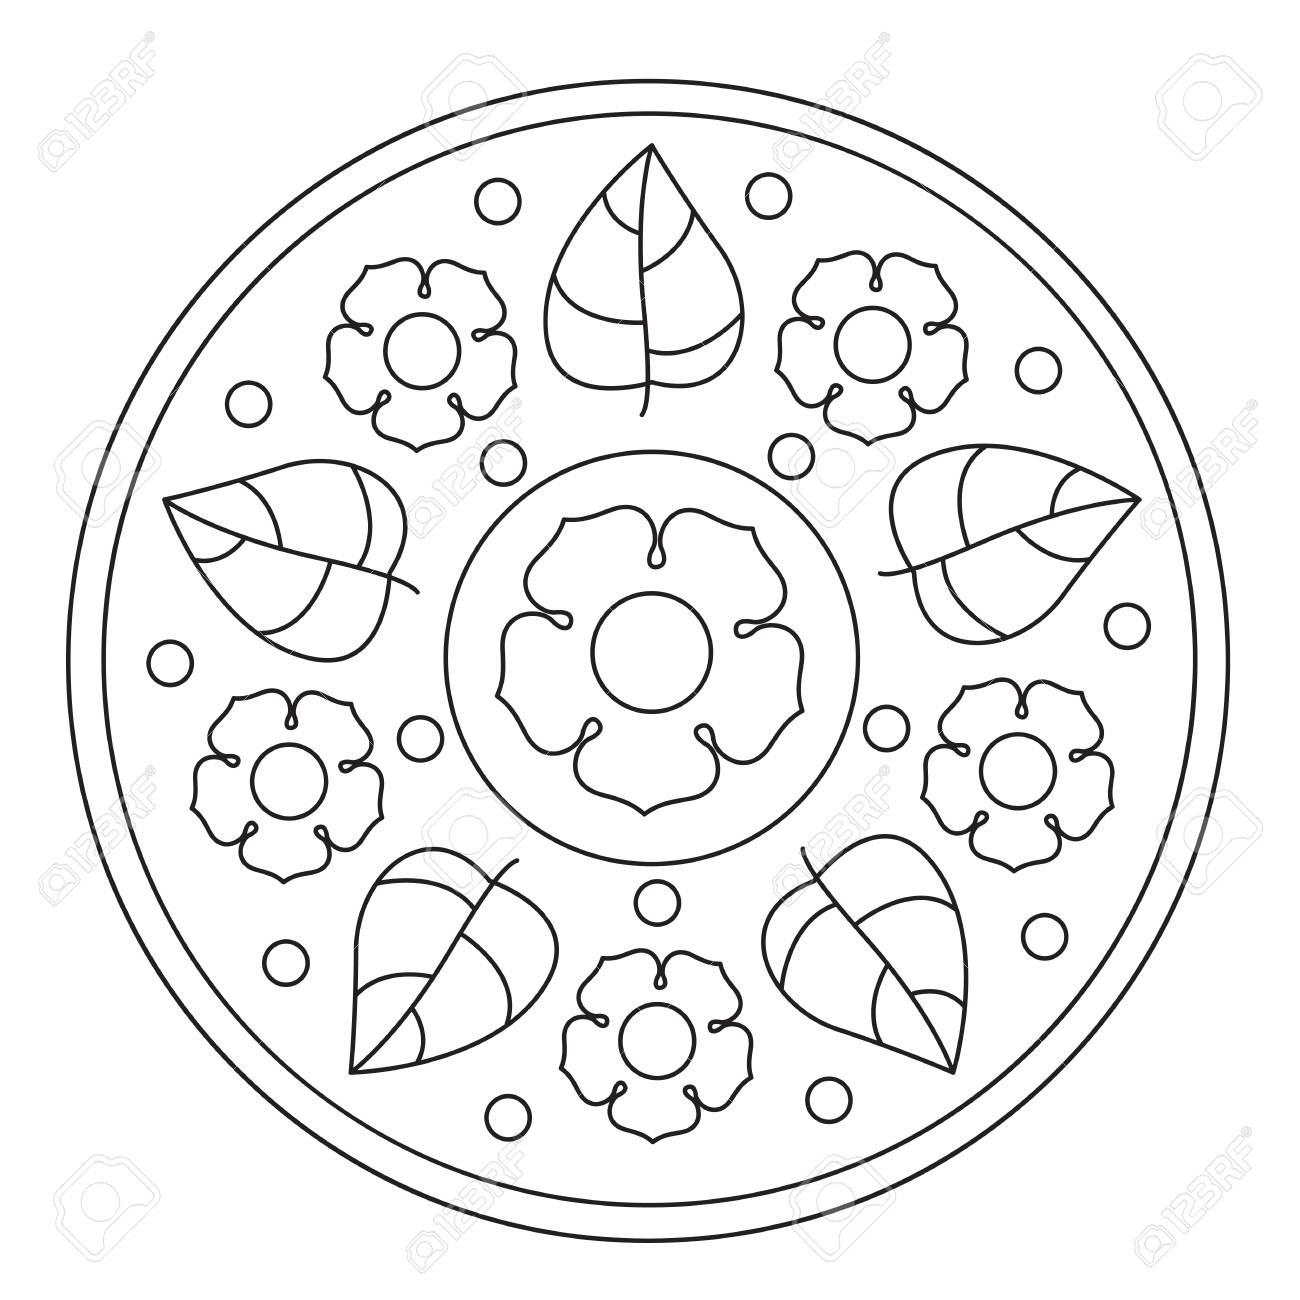 Vector Färbung Einfache Blumen Und Blatt Runde Mandala Für Kinder ...